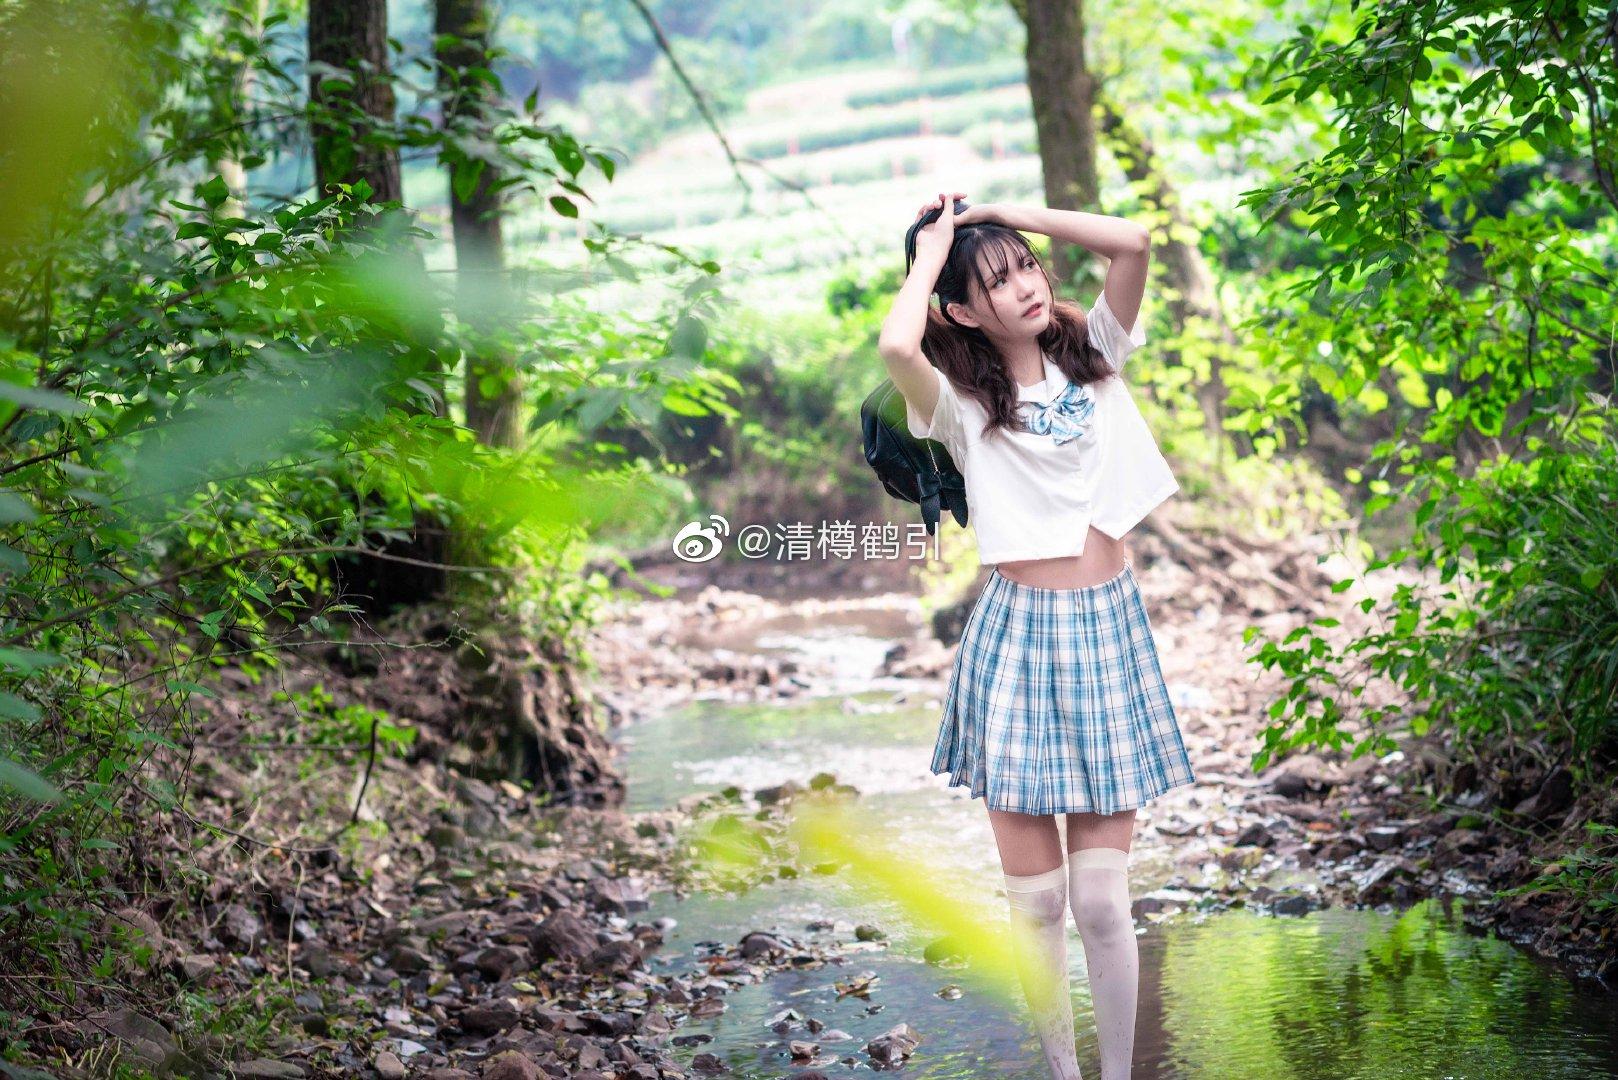 独自玩耍的少女,白丝与格裙的质感非常动人